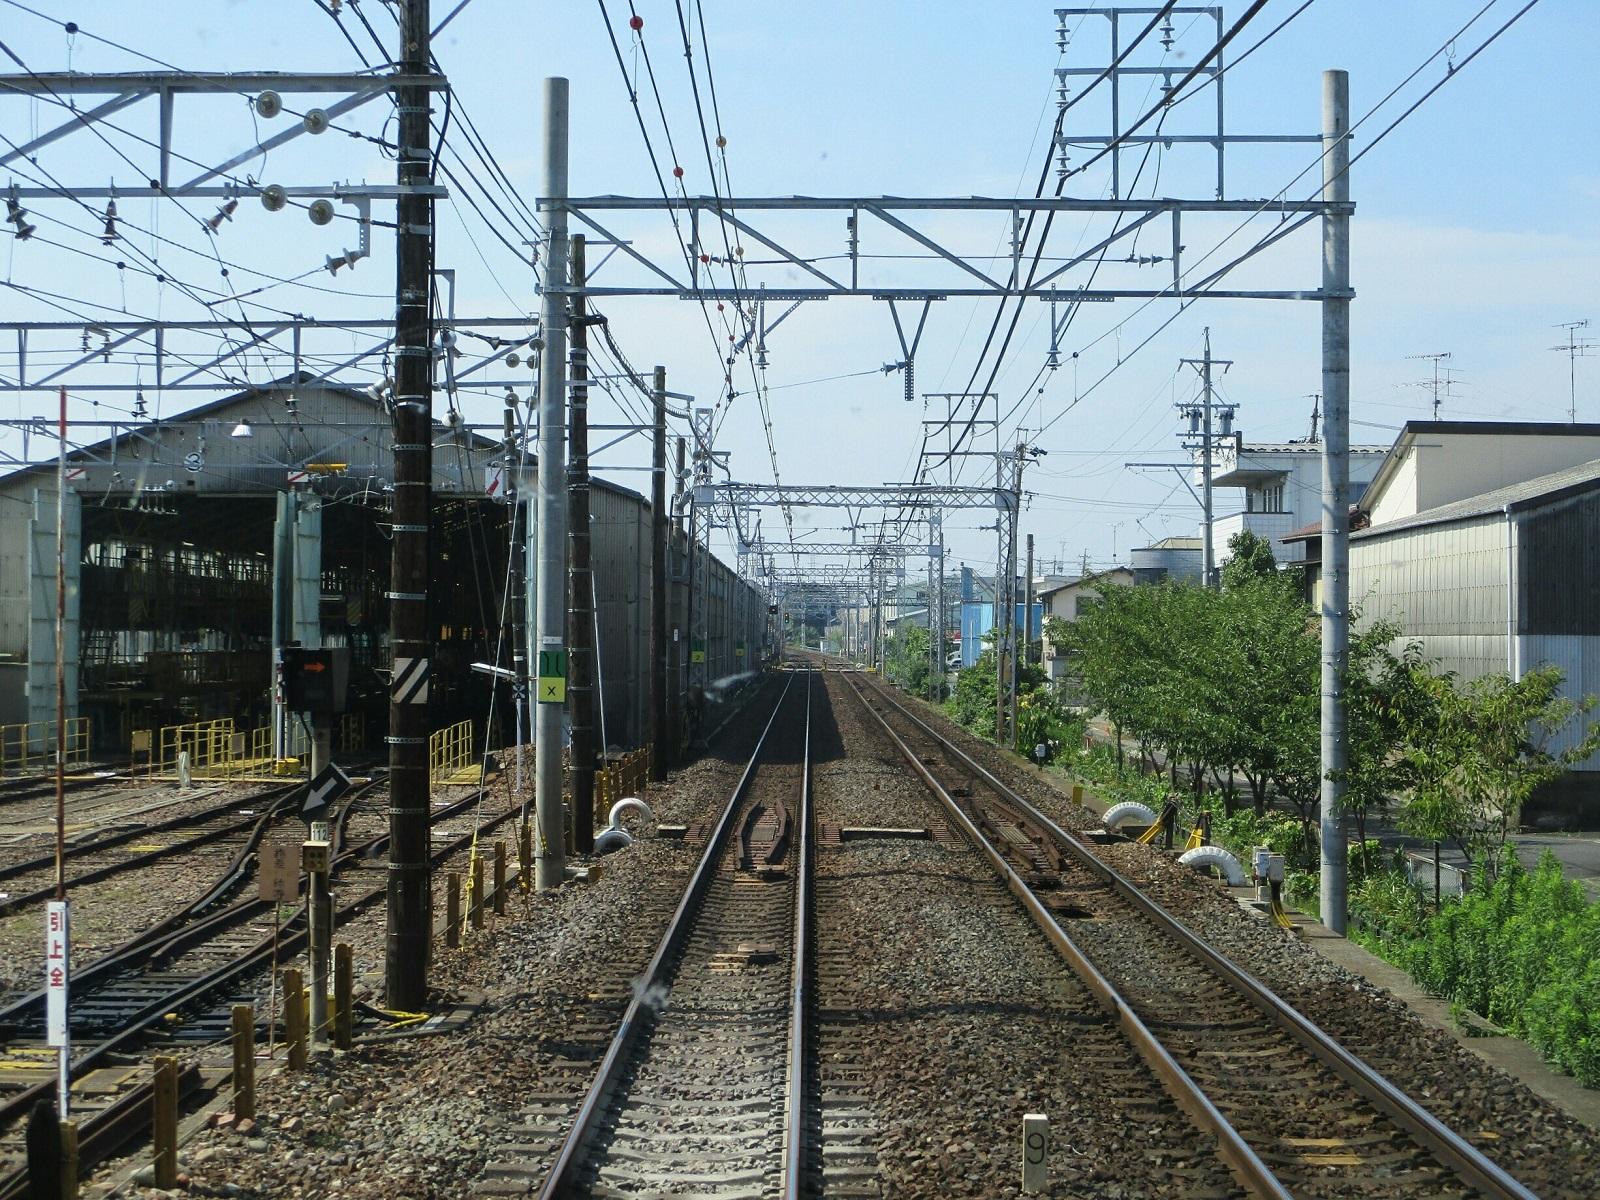 2018.7.18 (15) 須ヶ口いきふつう - 茶所車両基地 1600-1200